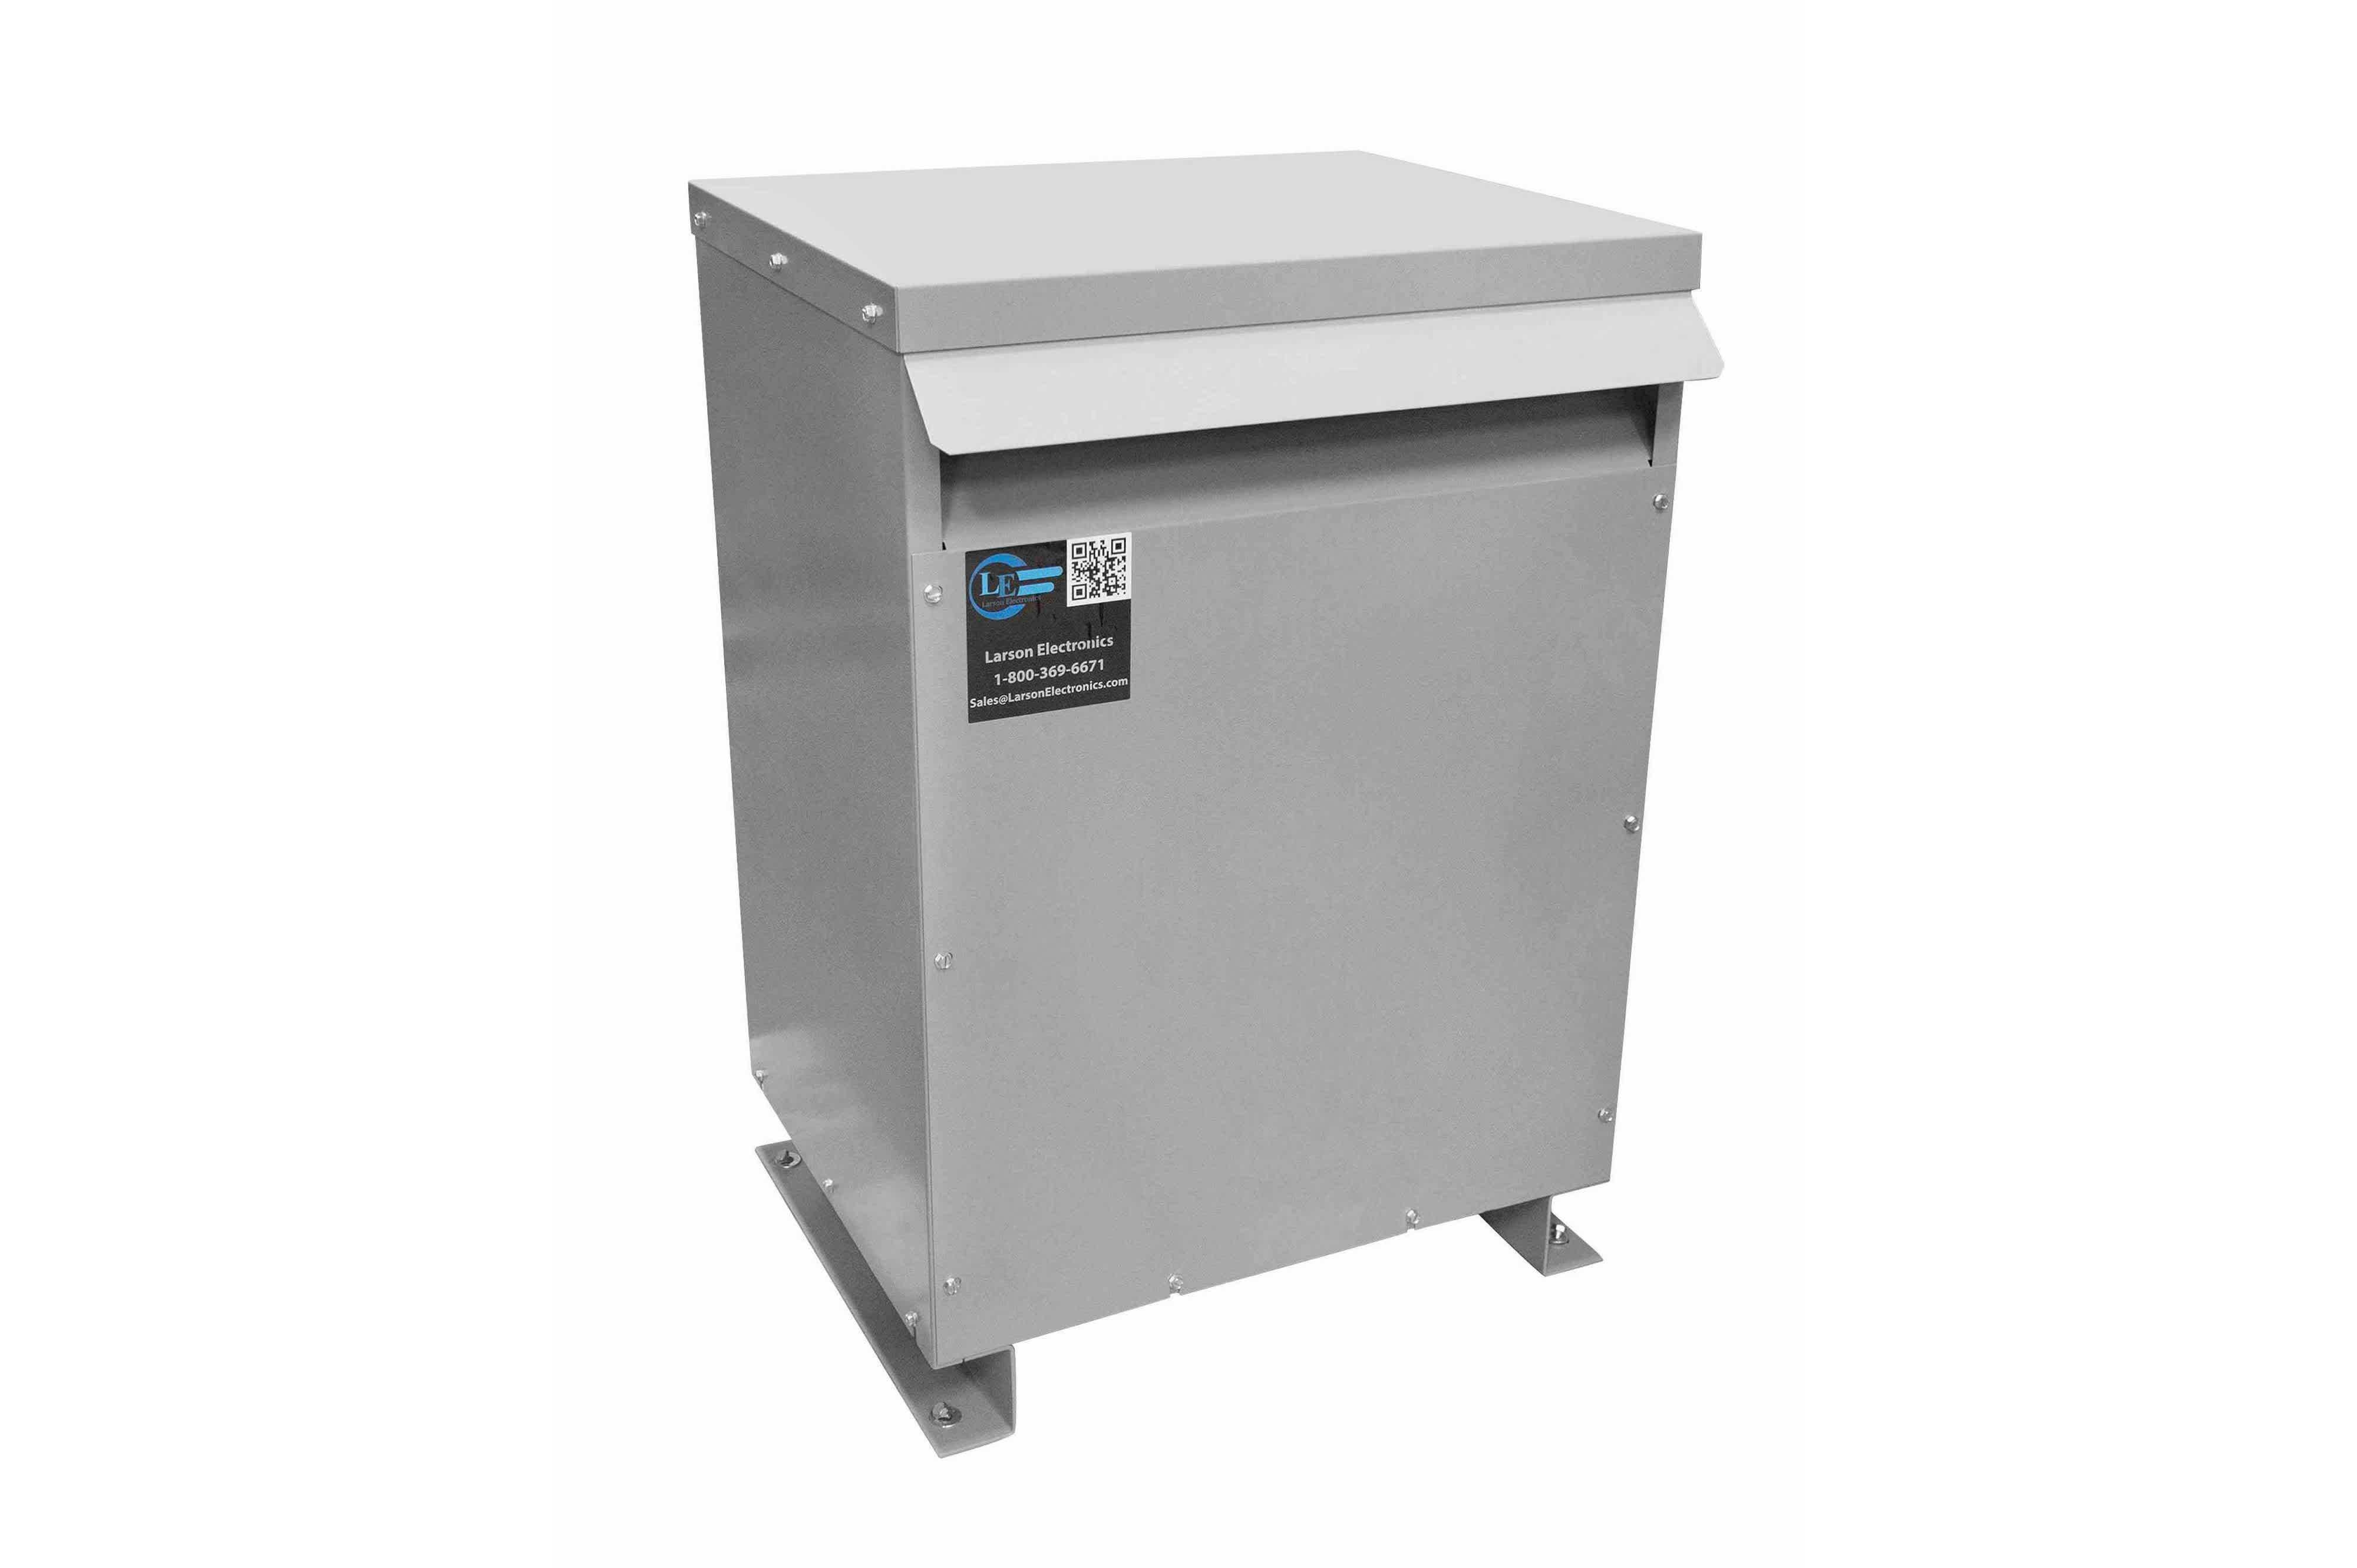 30 kVA 3PH Isolation Transformer, 208V Delta Primary, 208V Delta Secondary, N3R, Ventilated, 60 Hz